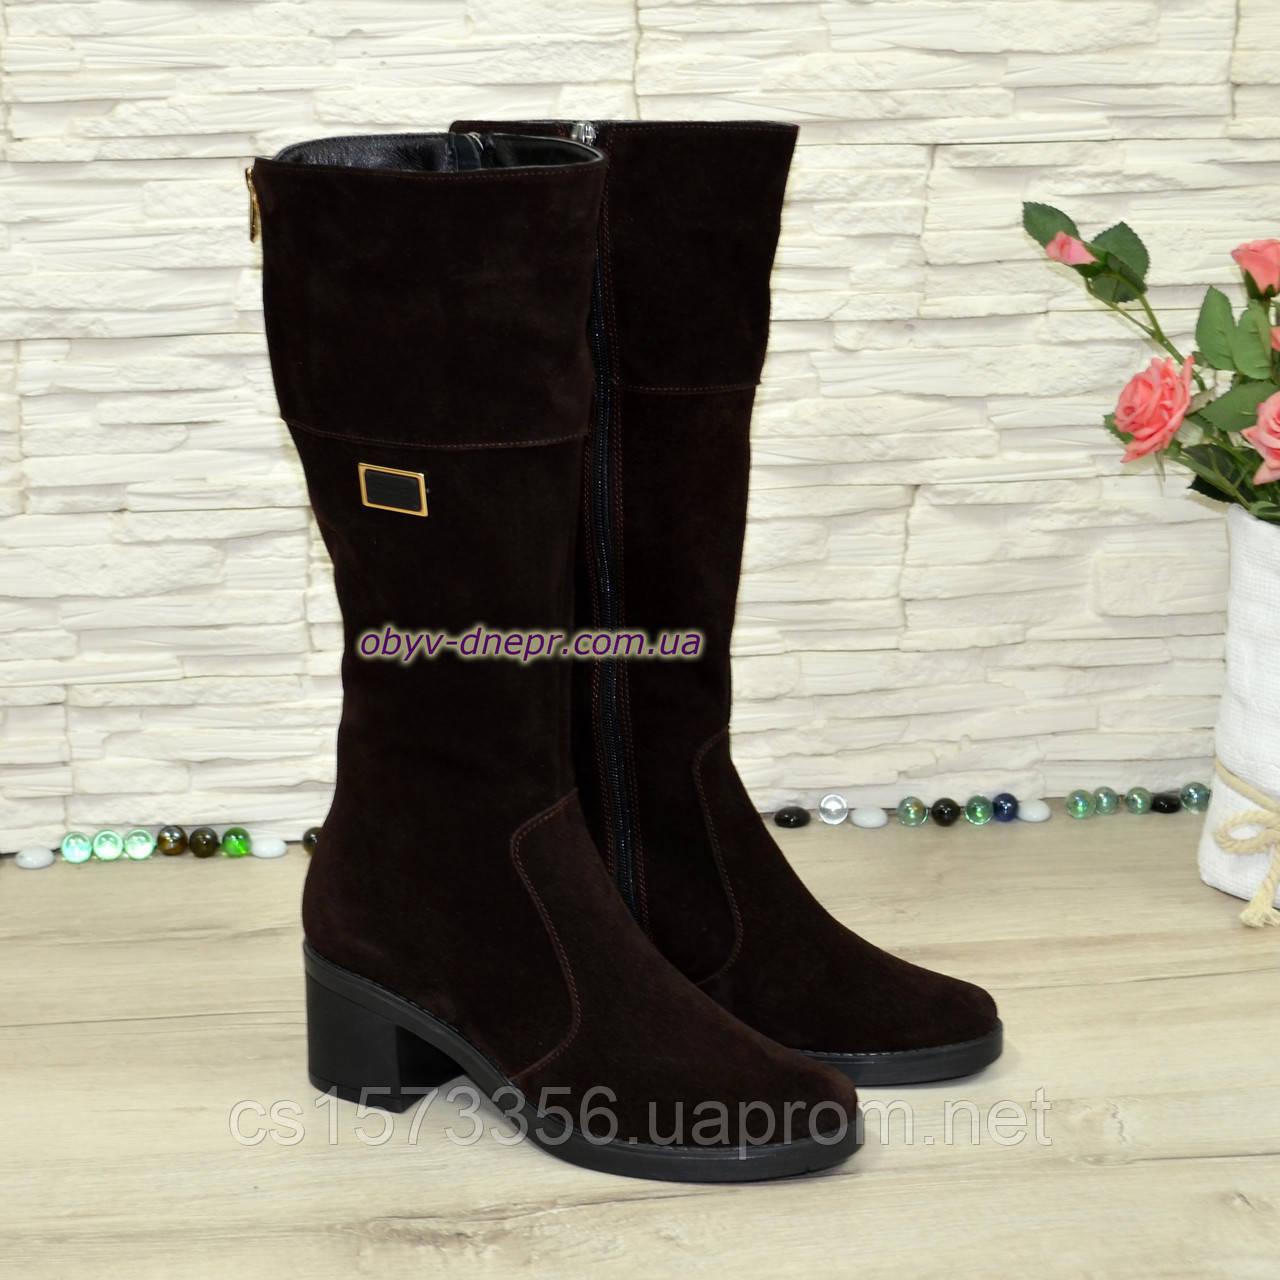 Сапоги замшевые женские демисезонные на невысоком каблуке, из натуральной замши коричневого цвета